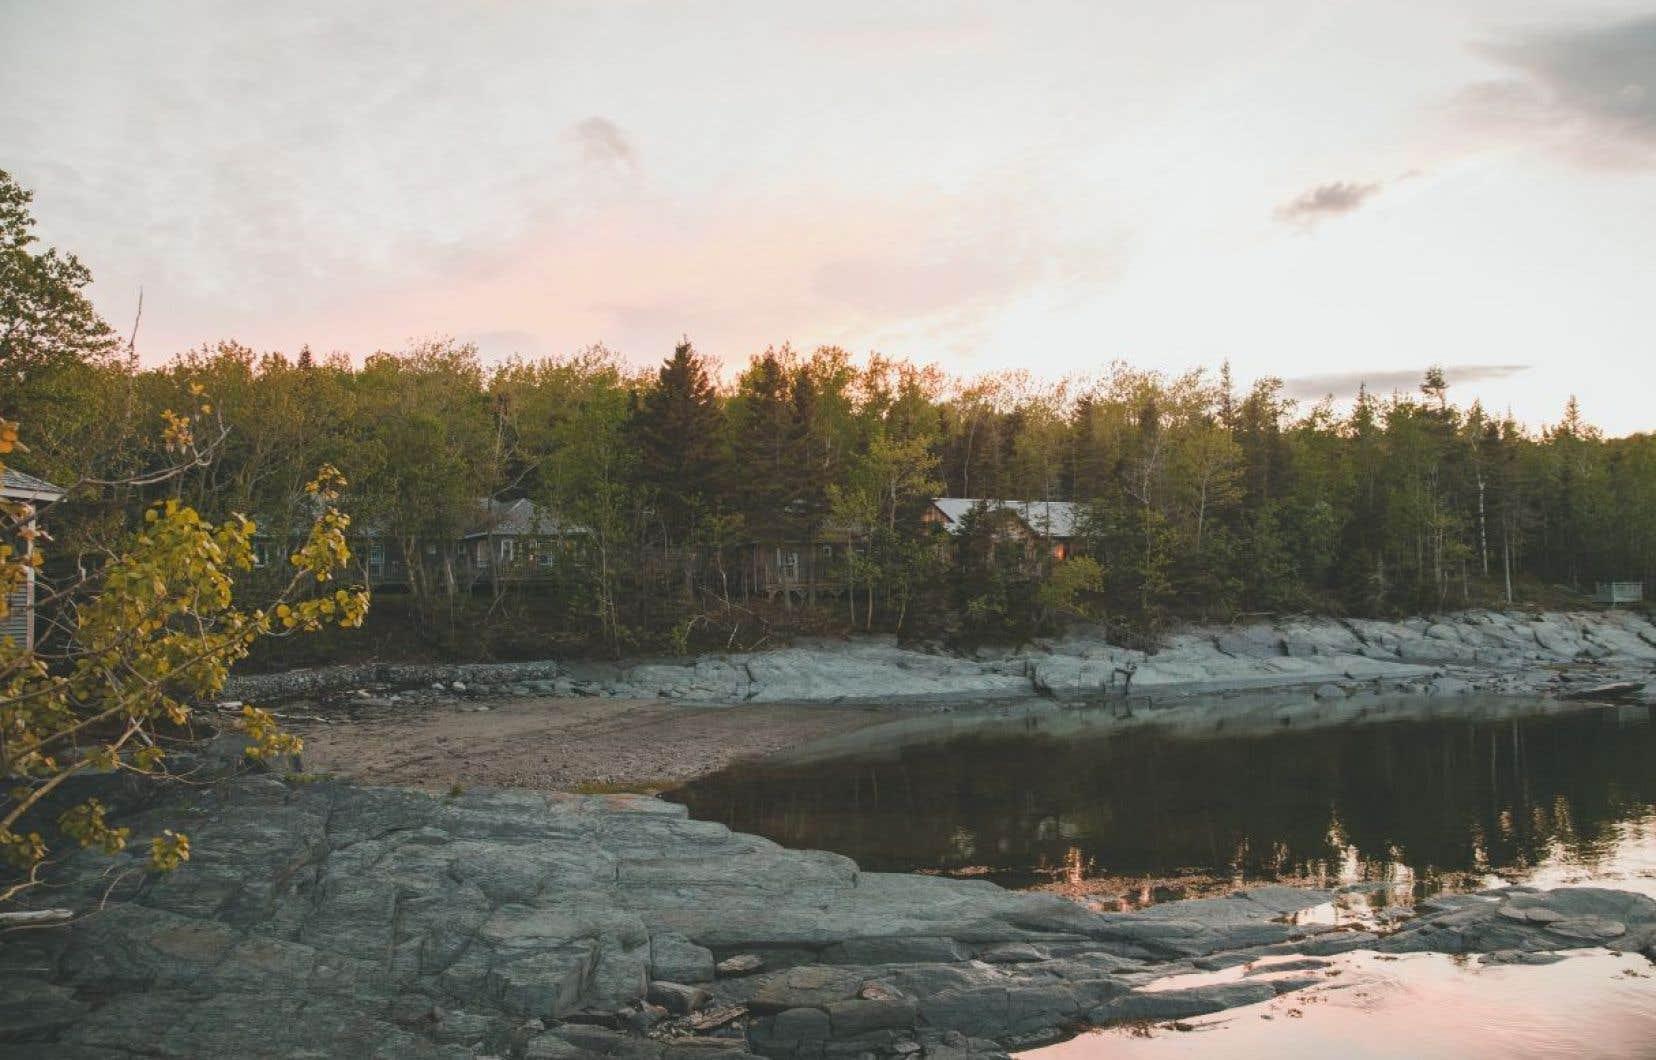 Duvetnor propose d'explorer les îles du Pot à l'Eau-de-Vie, mais aussi de faire de la randonnée et de passer la nuit sur l'île aux Lièvres, où se trouvent notamment sept chalets.